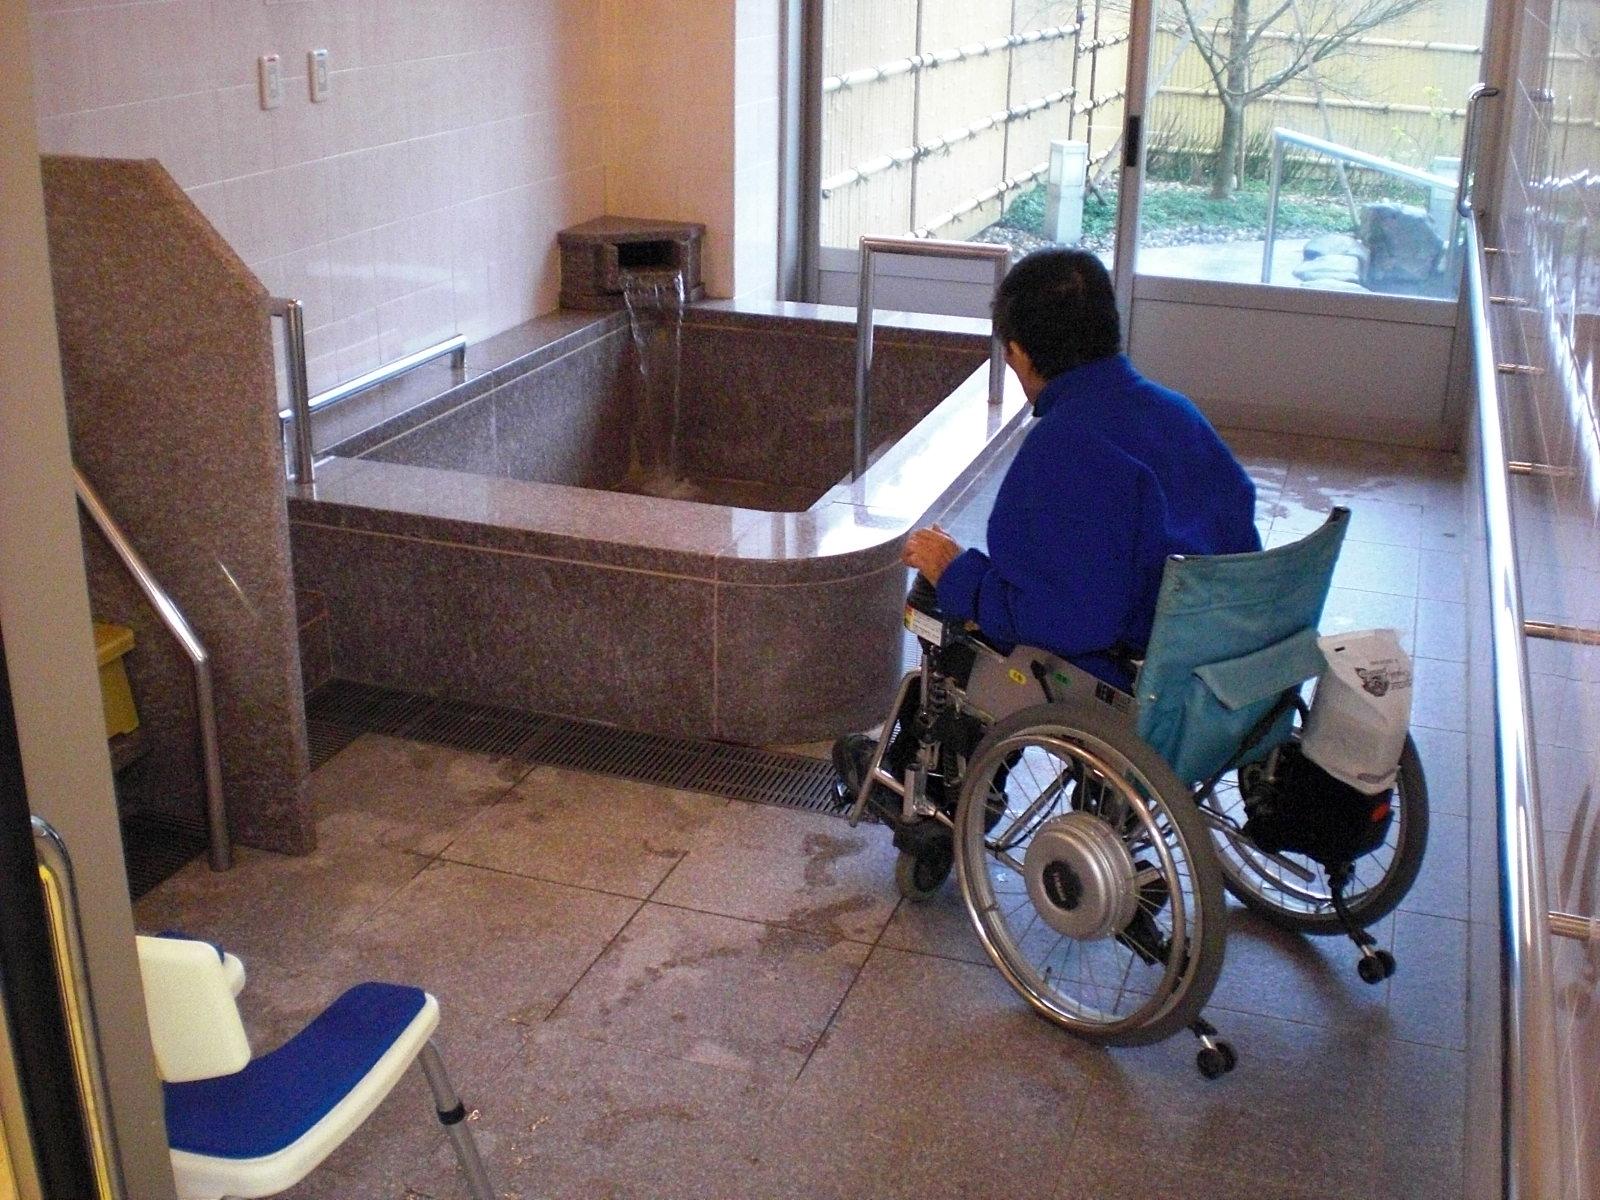 貸切風呂の浴室内部の画像 クリック・Enterで拡大